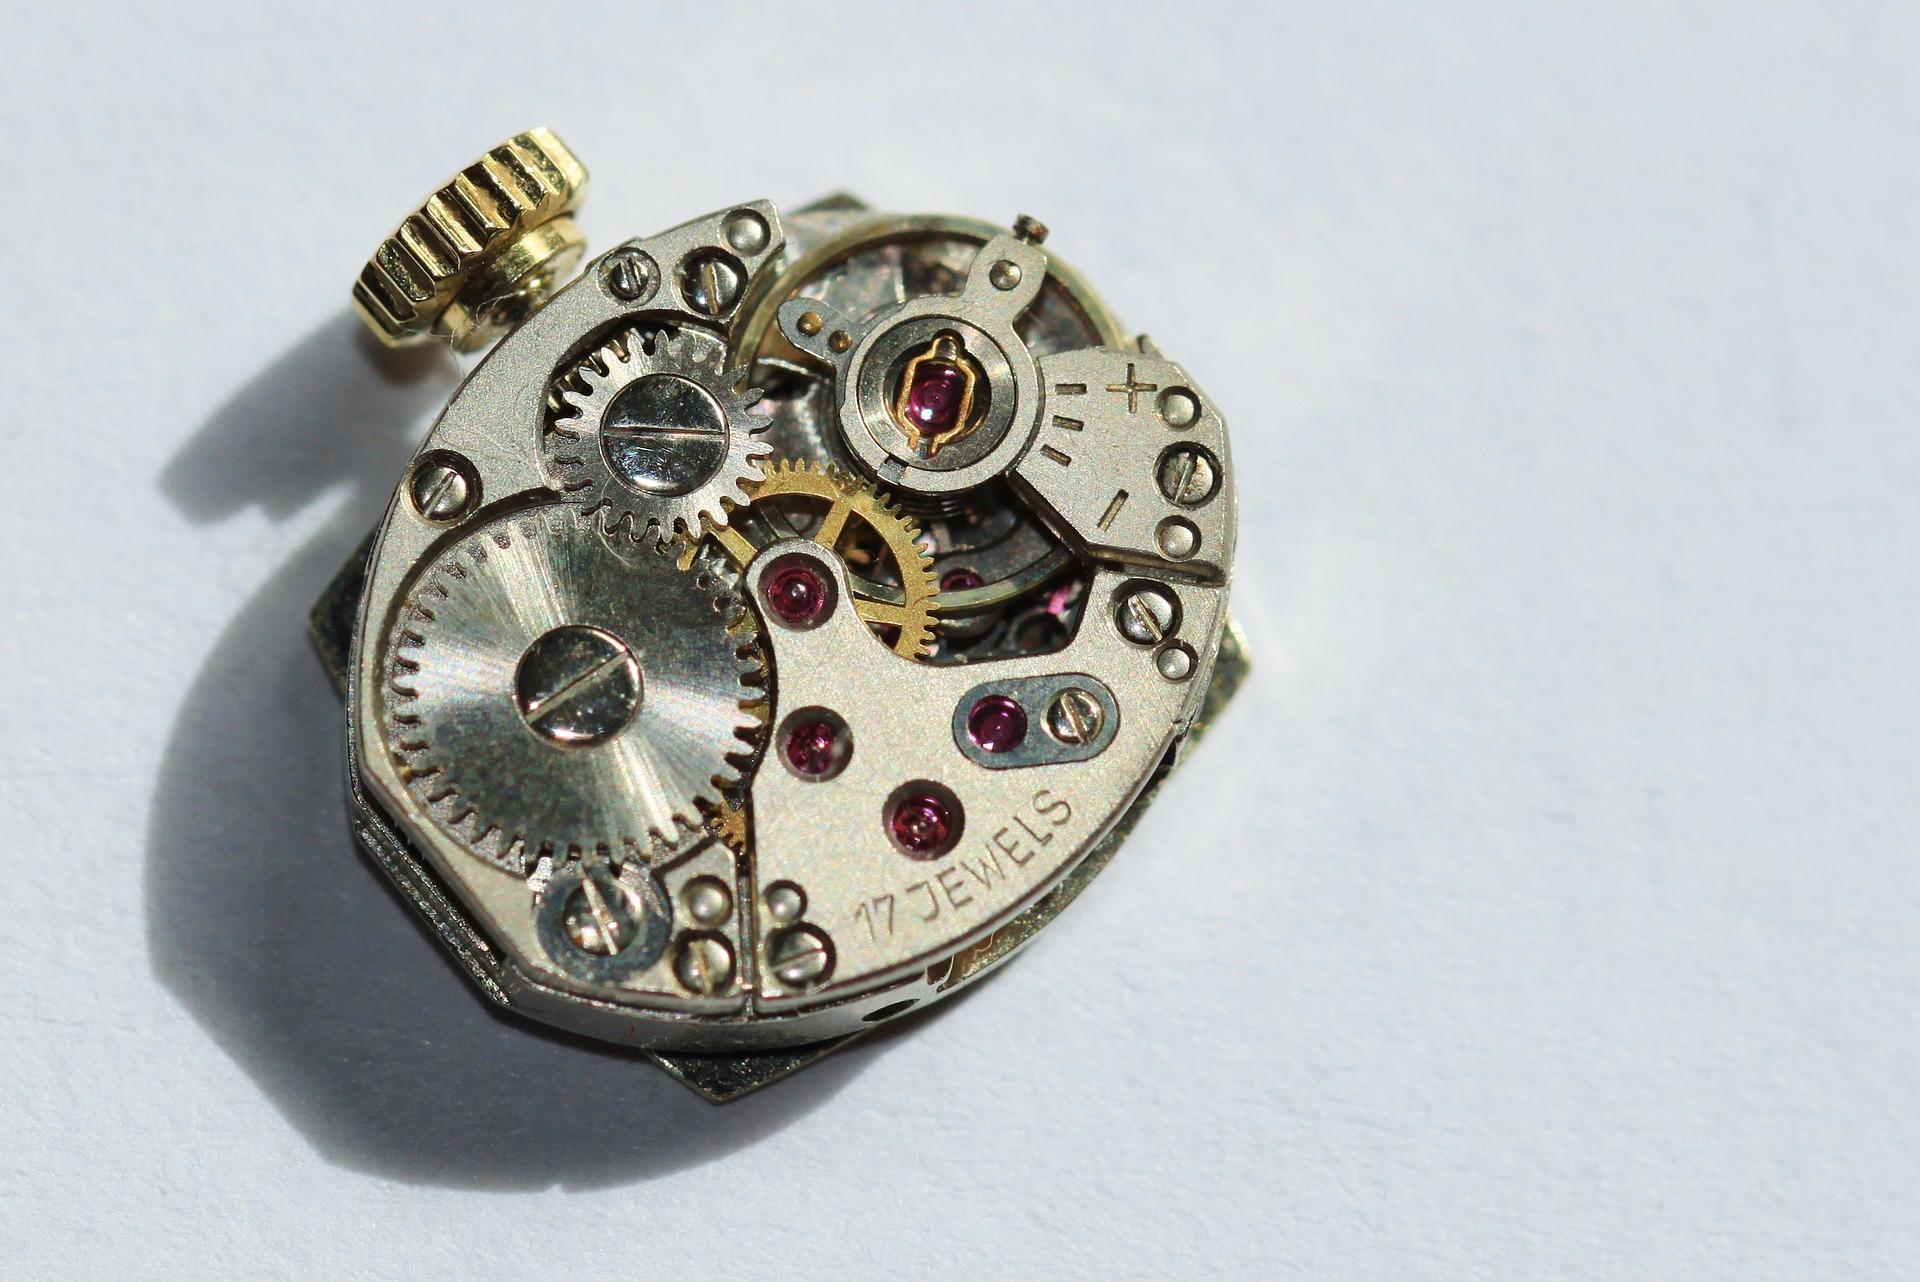 ヴィトン腕時計のお手入れ2